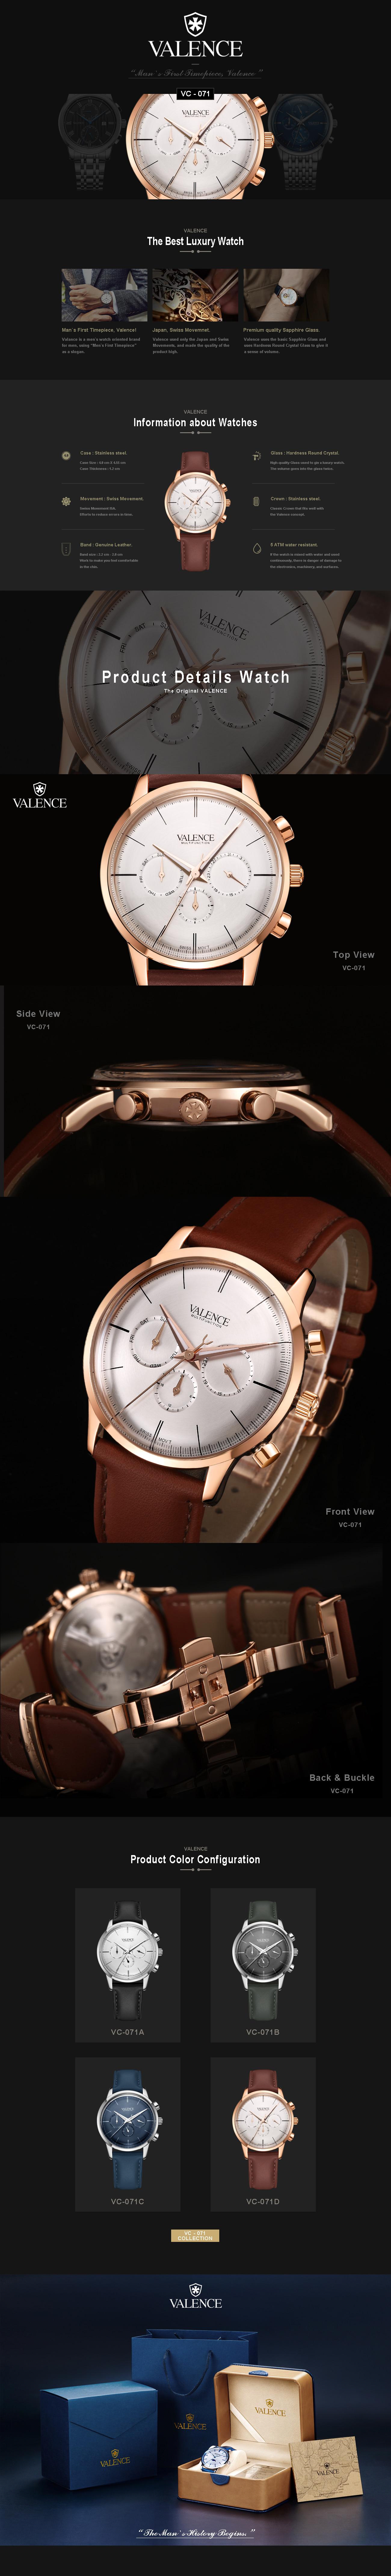 Đồng hồ nam valence vc-071